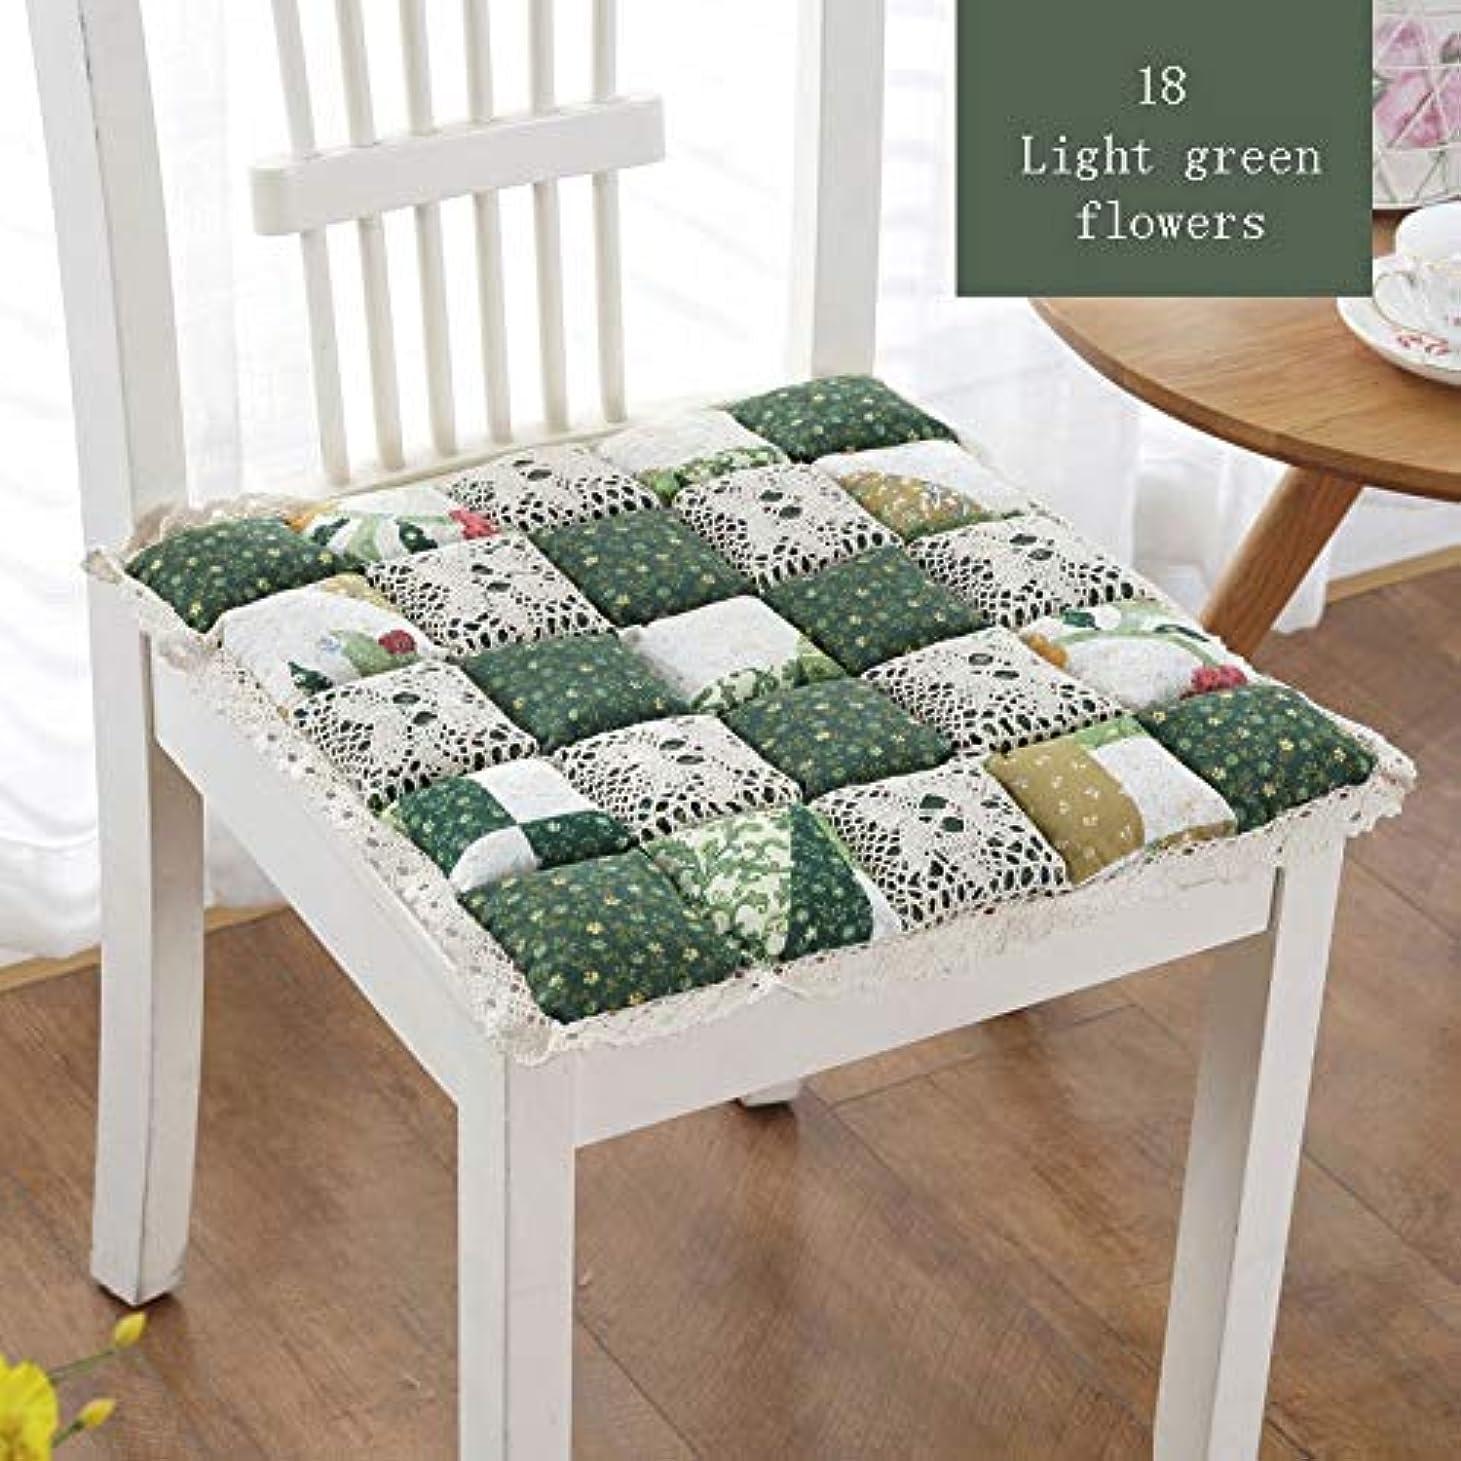 煙思春期の無能LIFE 1 個抗褥瘡綿椅子クッション 24 色ファッションオフィス正方形クッション学生チェアクッション家の装飾厚み クッション 椅子